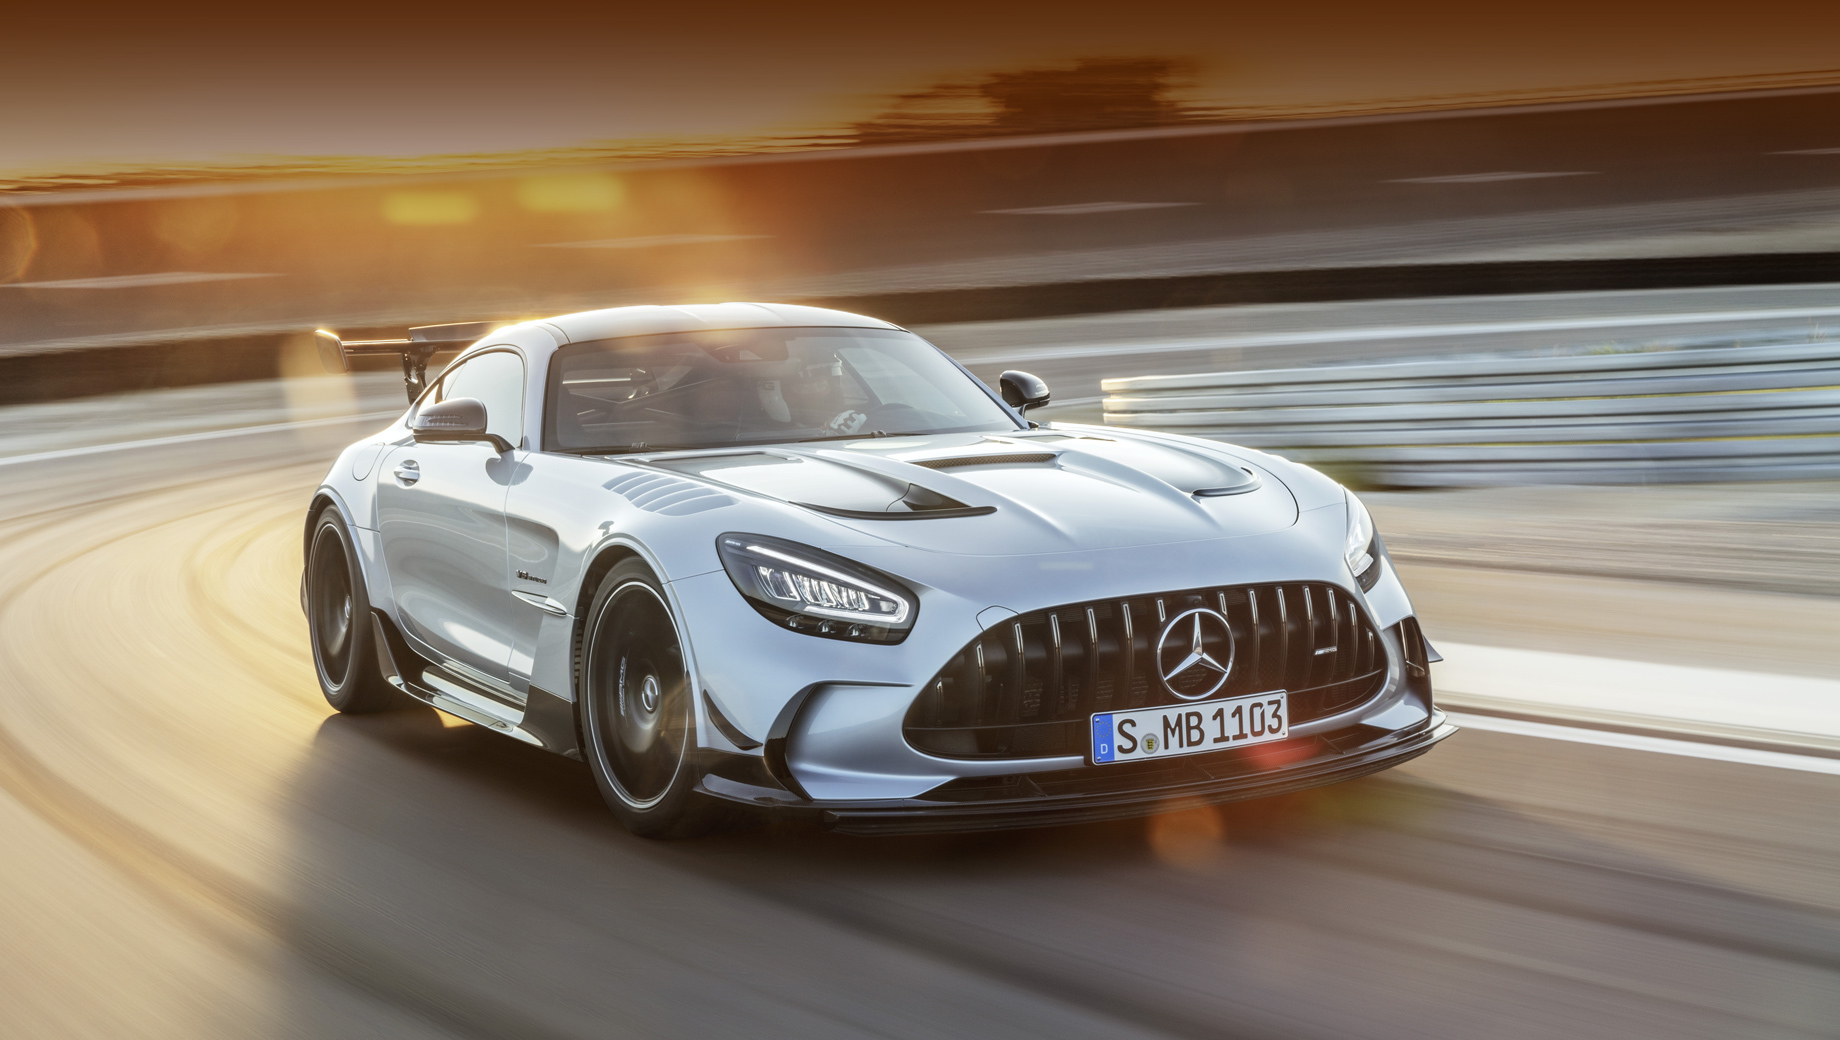 Мотор и аэродинамика выделили AMG GT Black Series